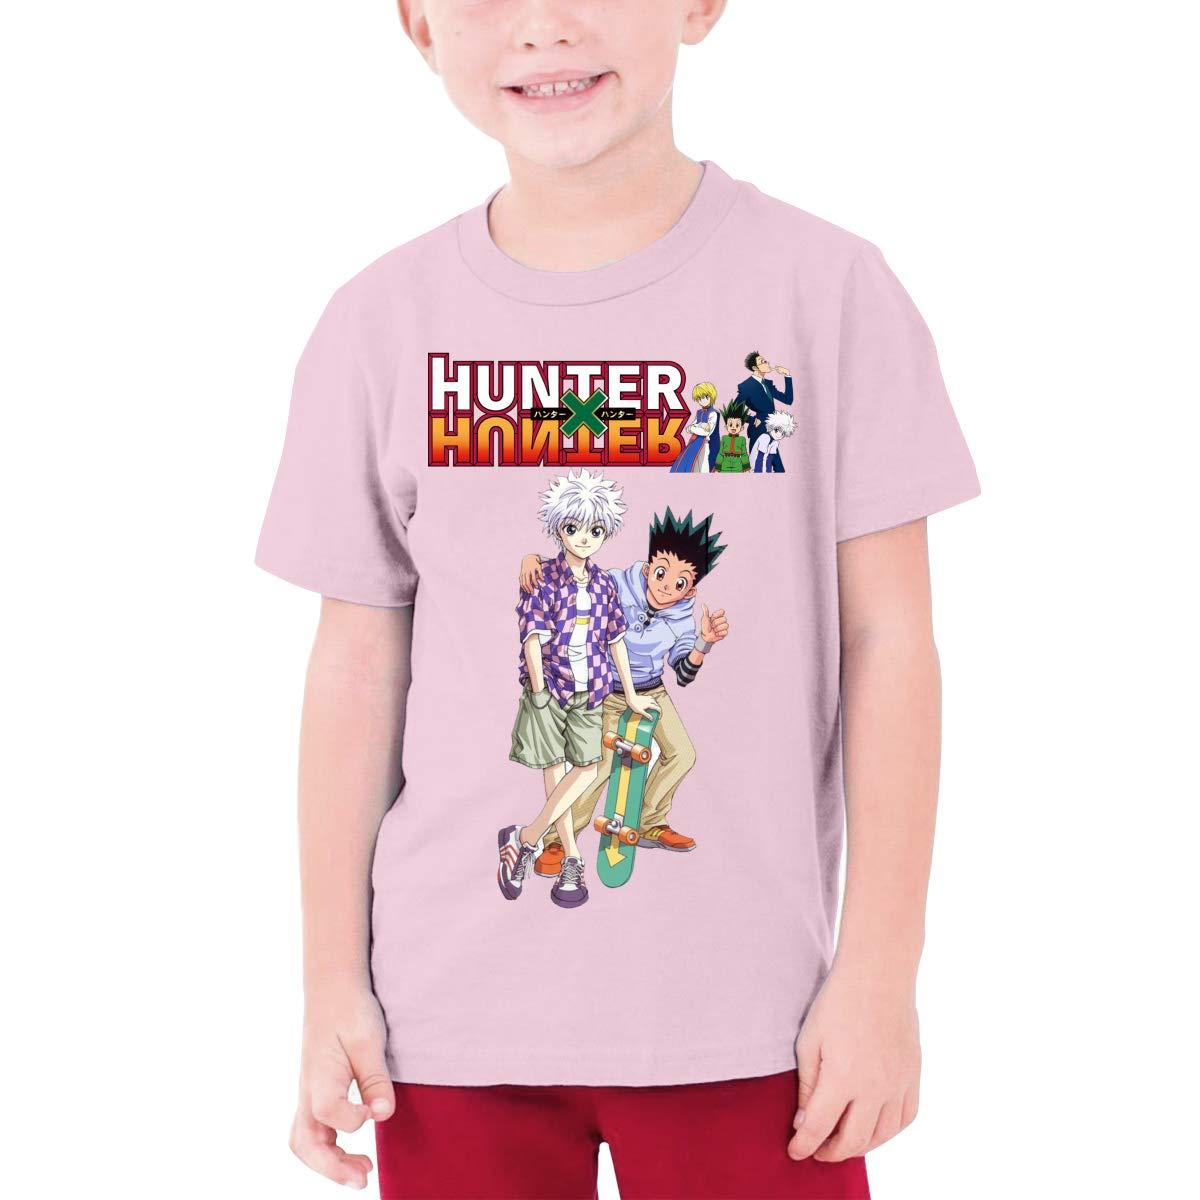 CiXianFuLu Hun-TER X Hun-TER Teenagers Comfort Tshirt